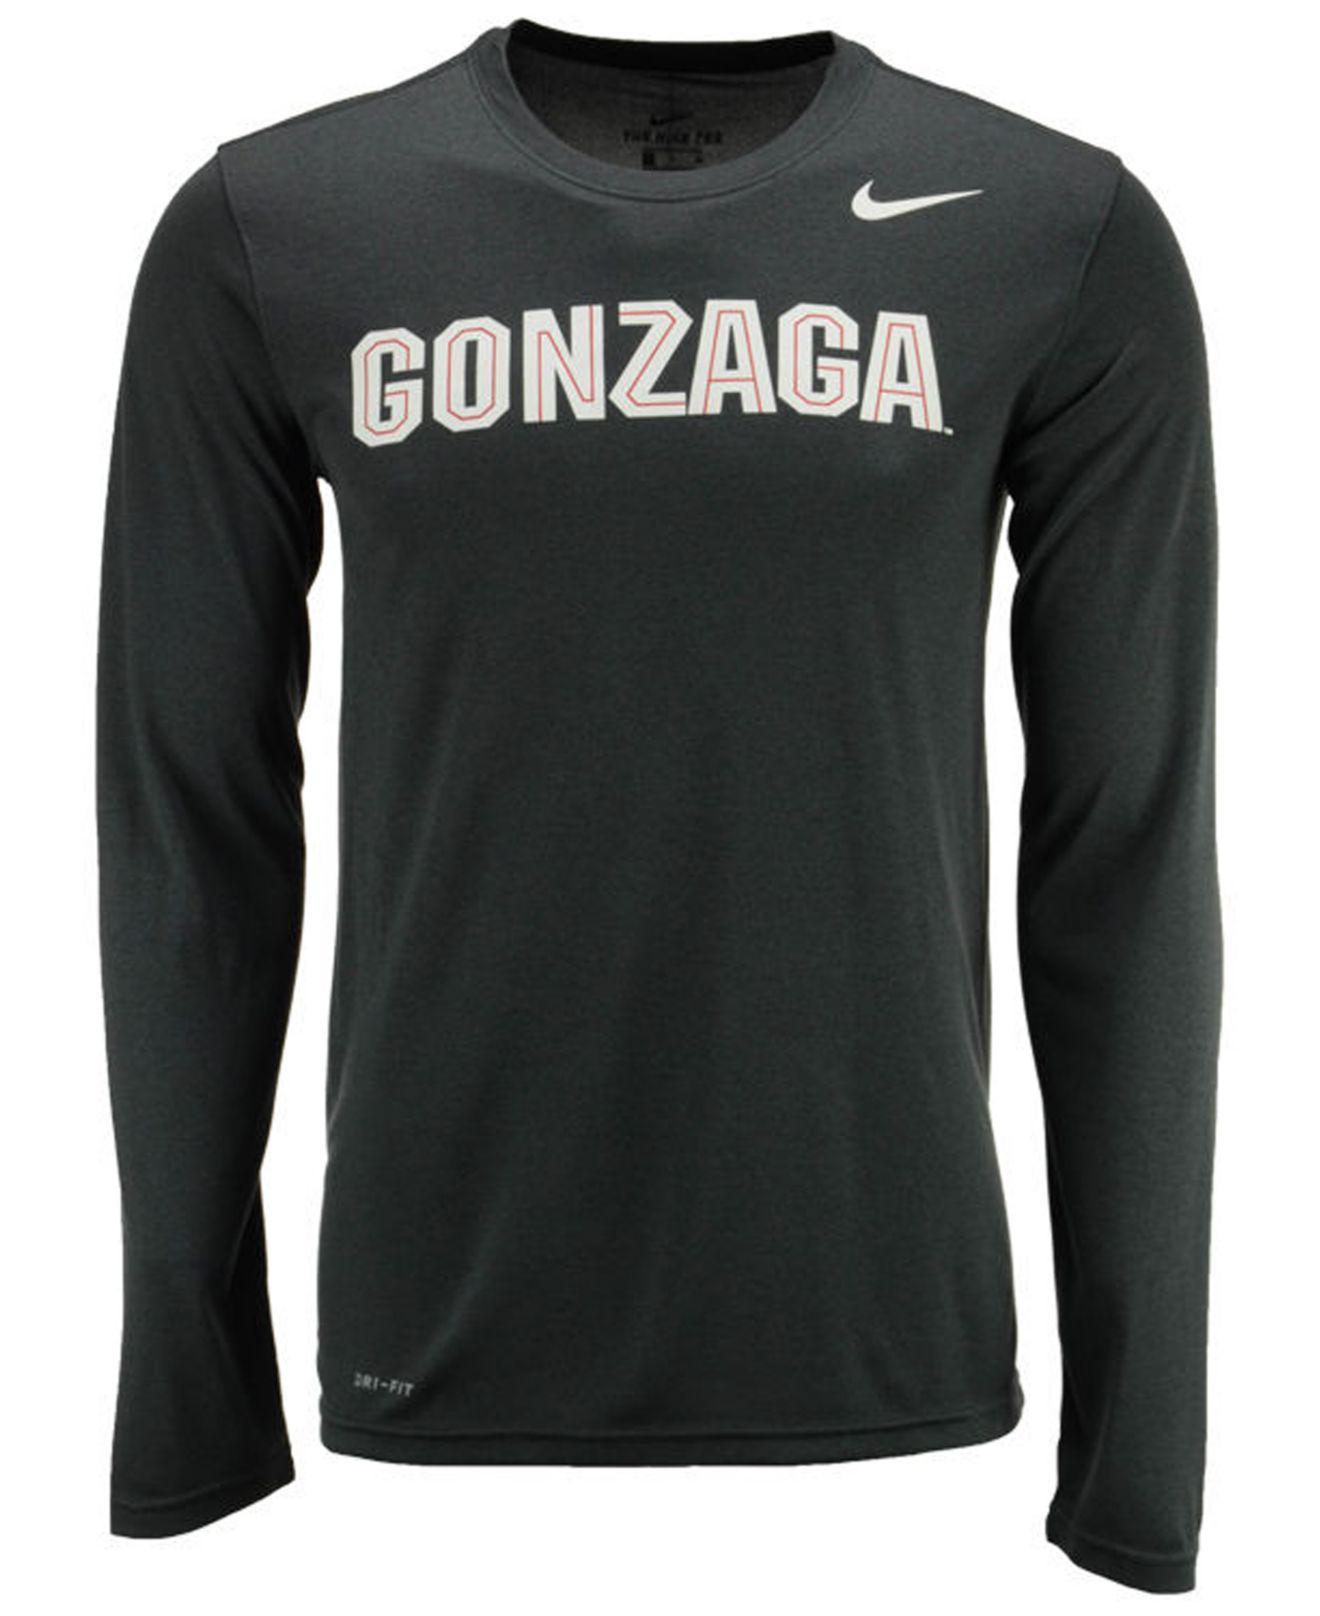 81d053c2 Lyst - Nike Men's Dri-fit Legend Wordmark Long Sleeve T-shirt in ...